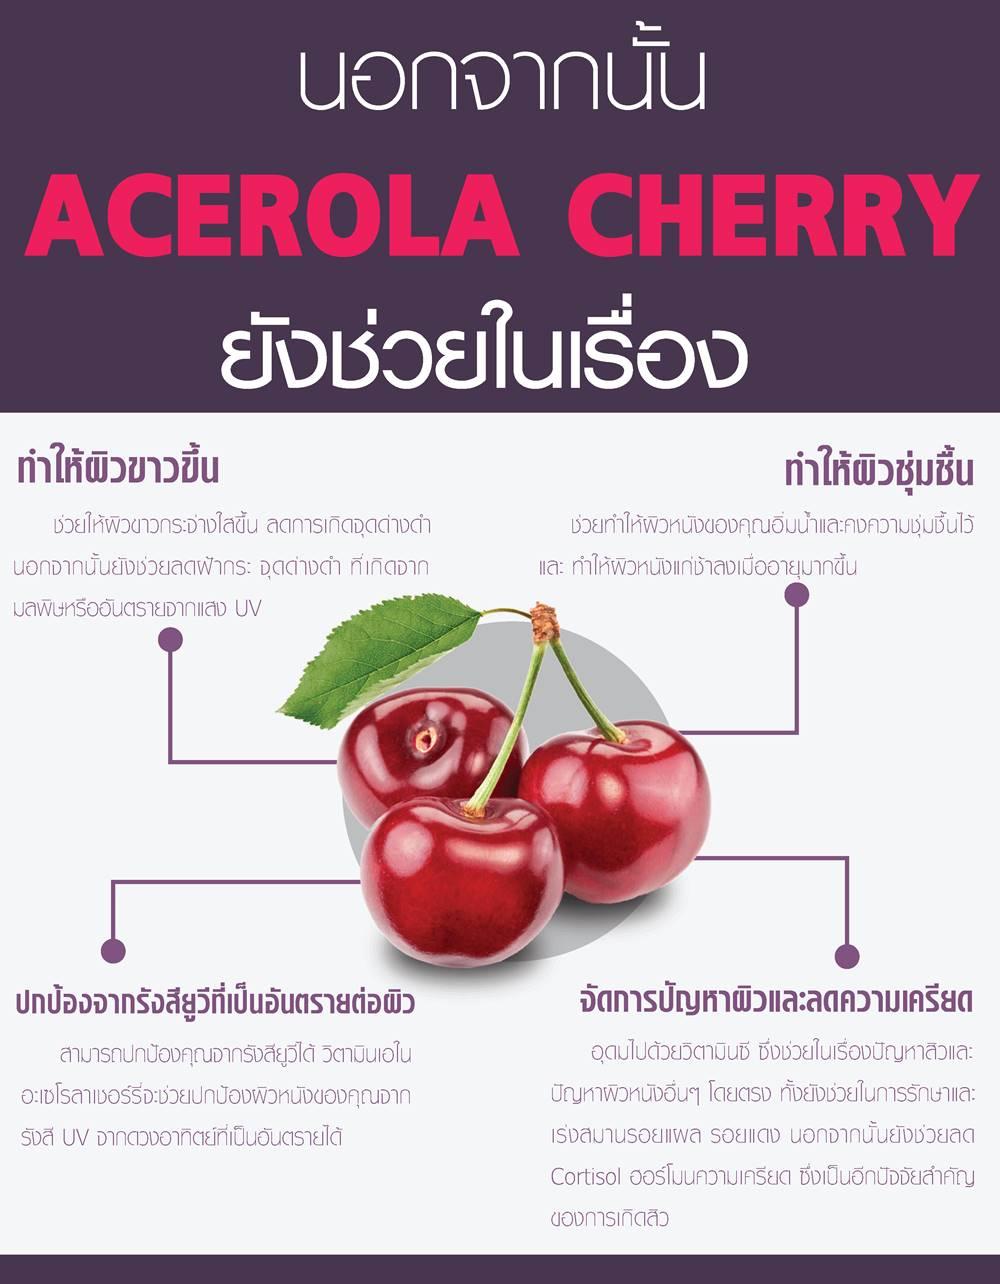 ประโยชน์ของ acerola cherry - อะ เซ โร ล่า เชอ ร์ รี่